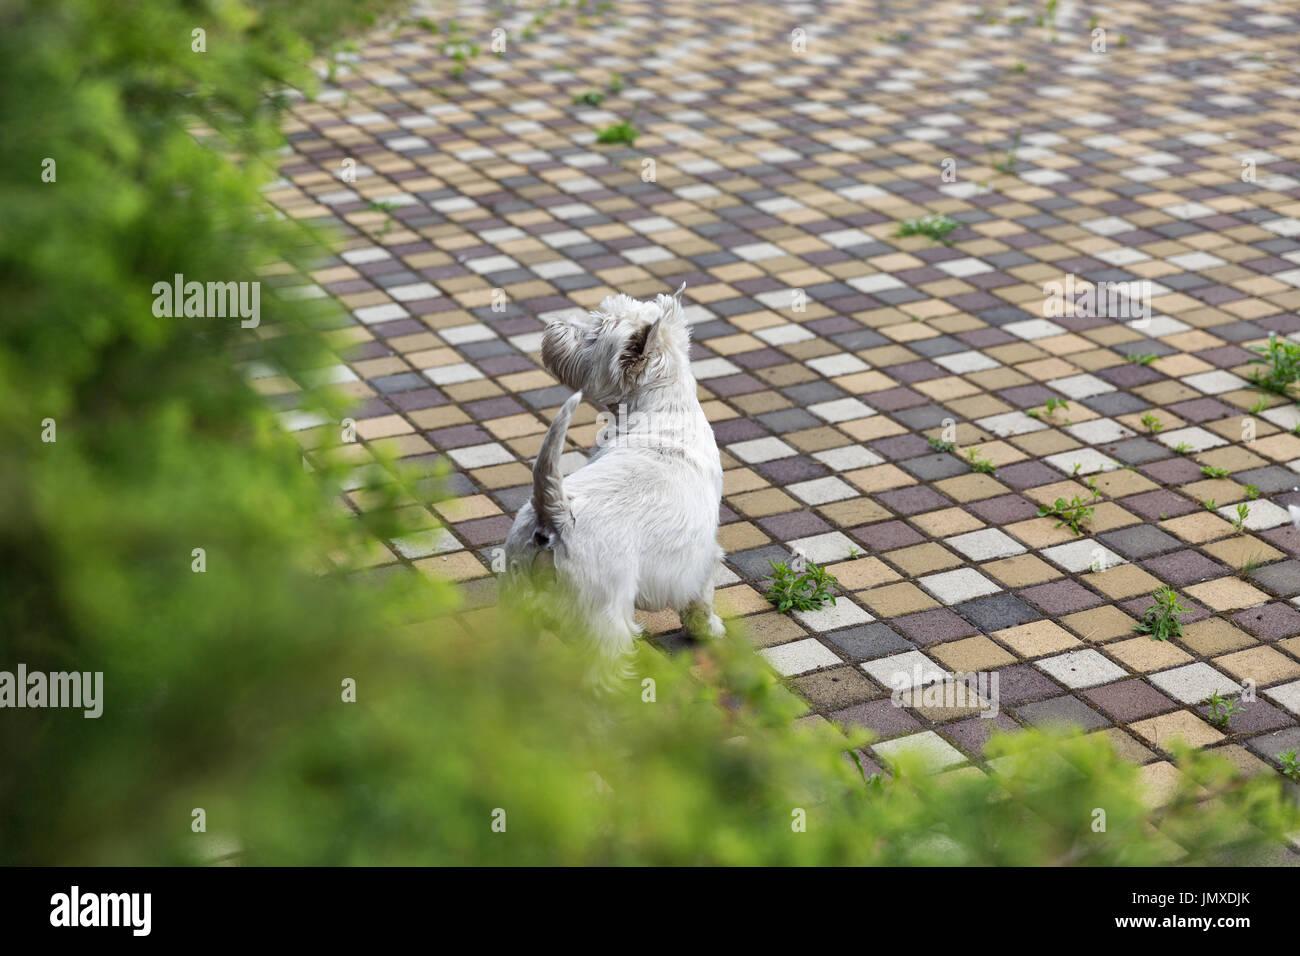 Westie perro sobre el pavimento mosaico. West Highland White Terrier, conocido comúnmente como el Westie, una raza de perro de Escocia. Foto de stock